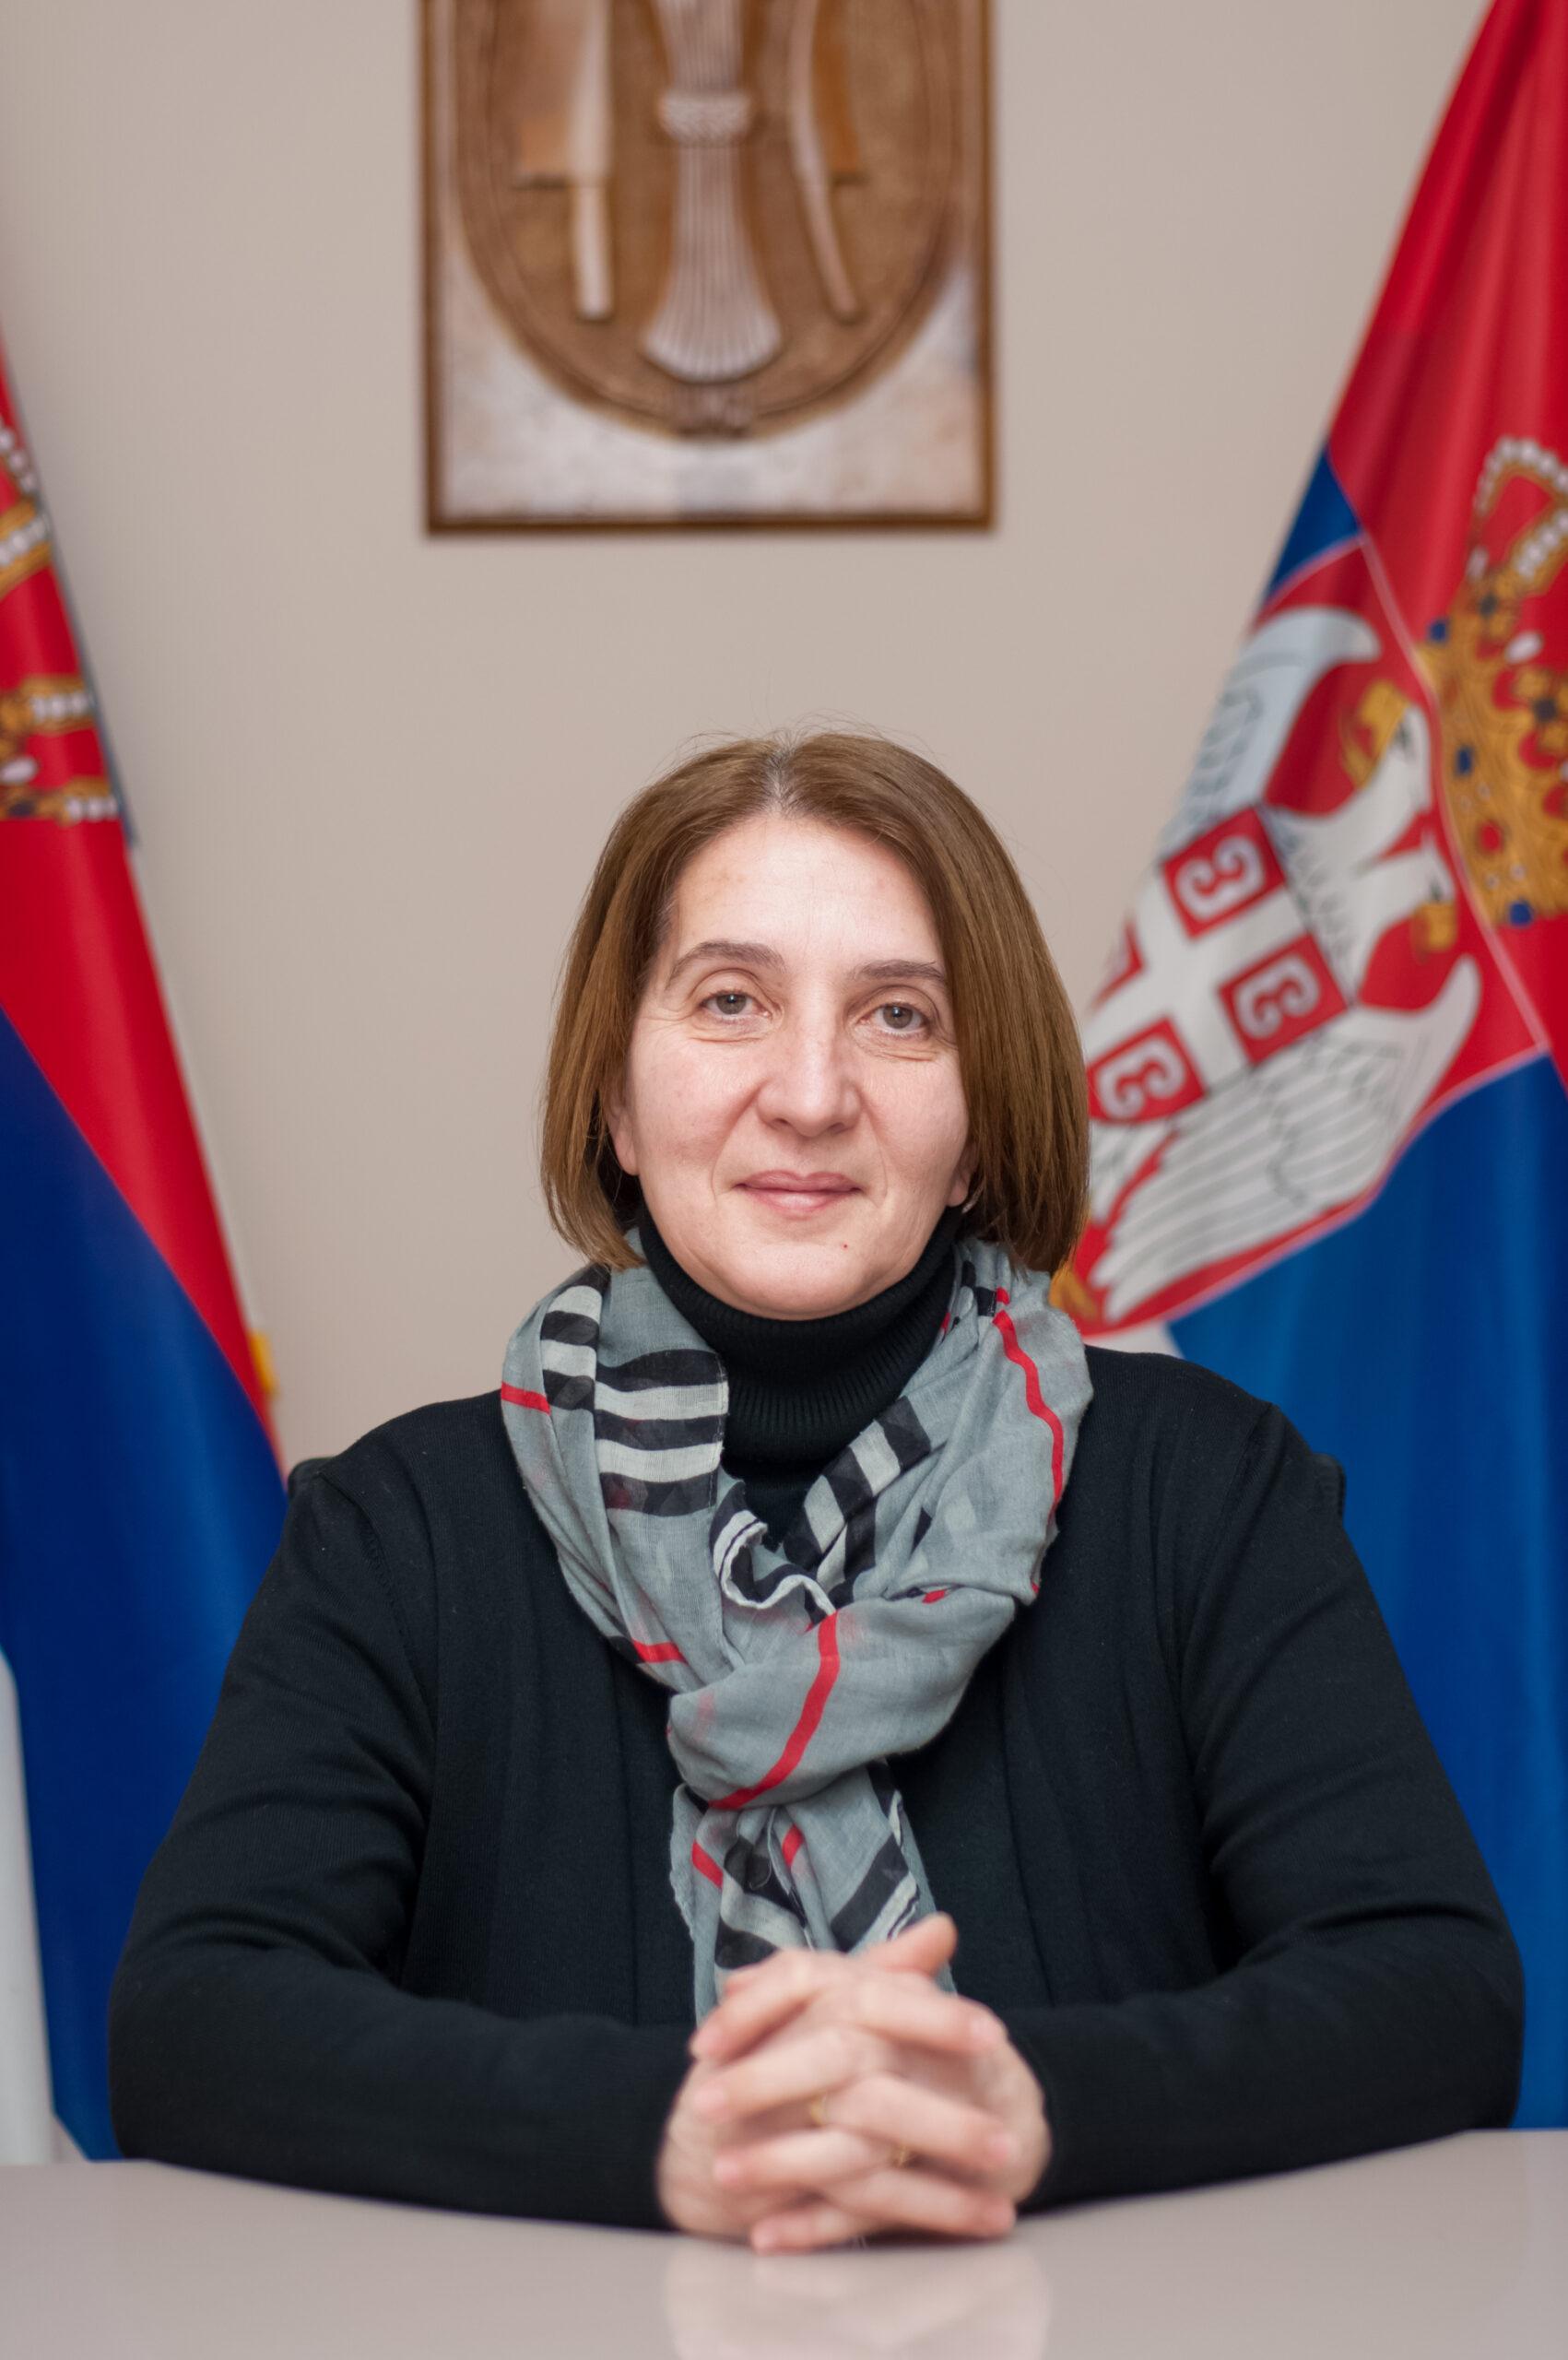 Љубинка Пантић